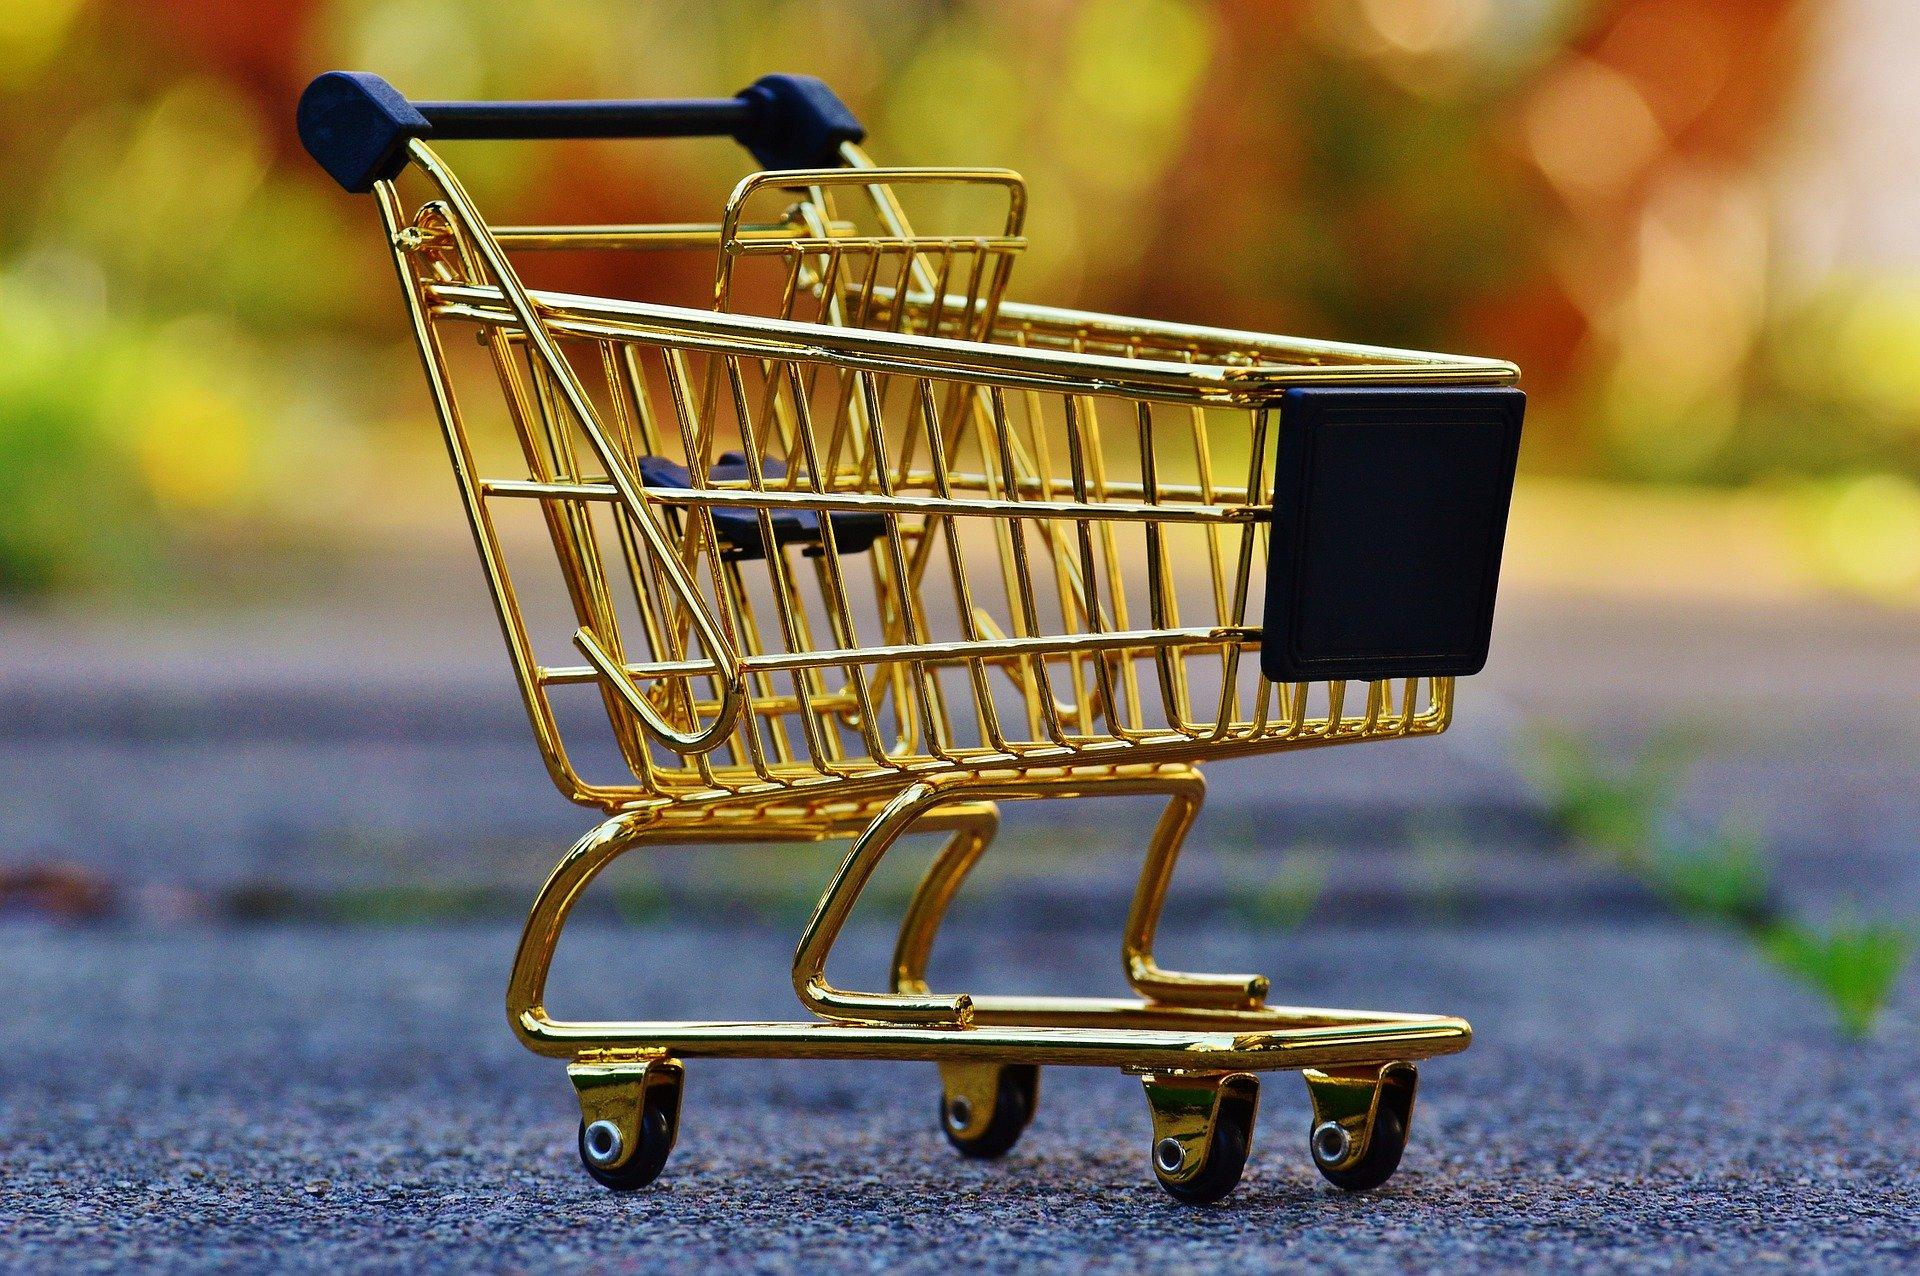 Как отличаются цены на продукты в Крыму и Краснодаре